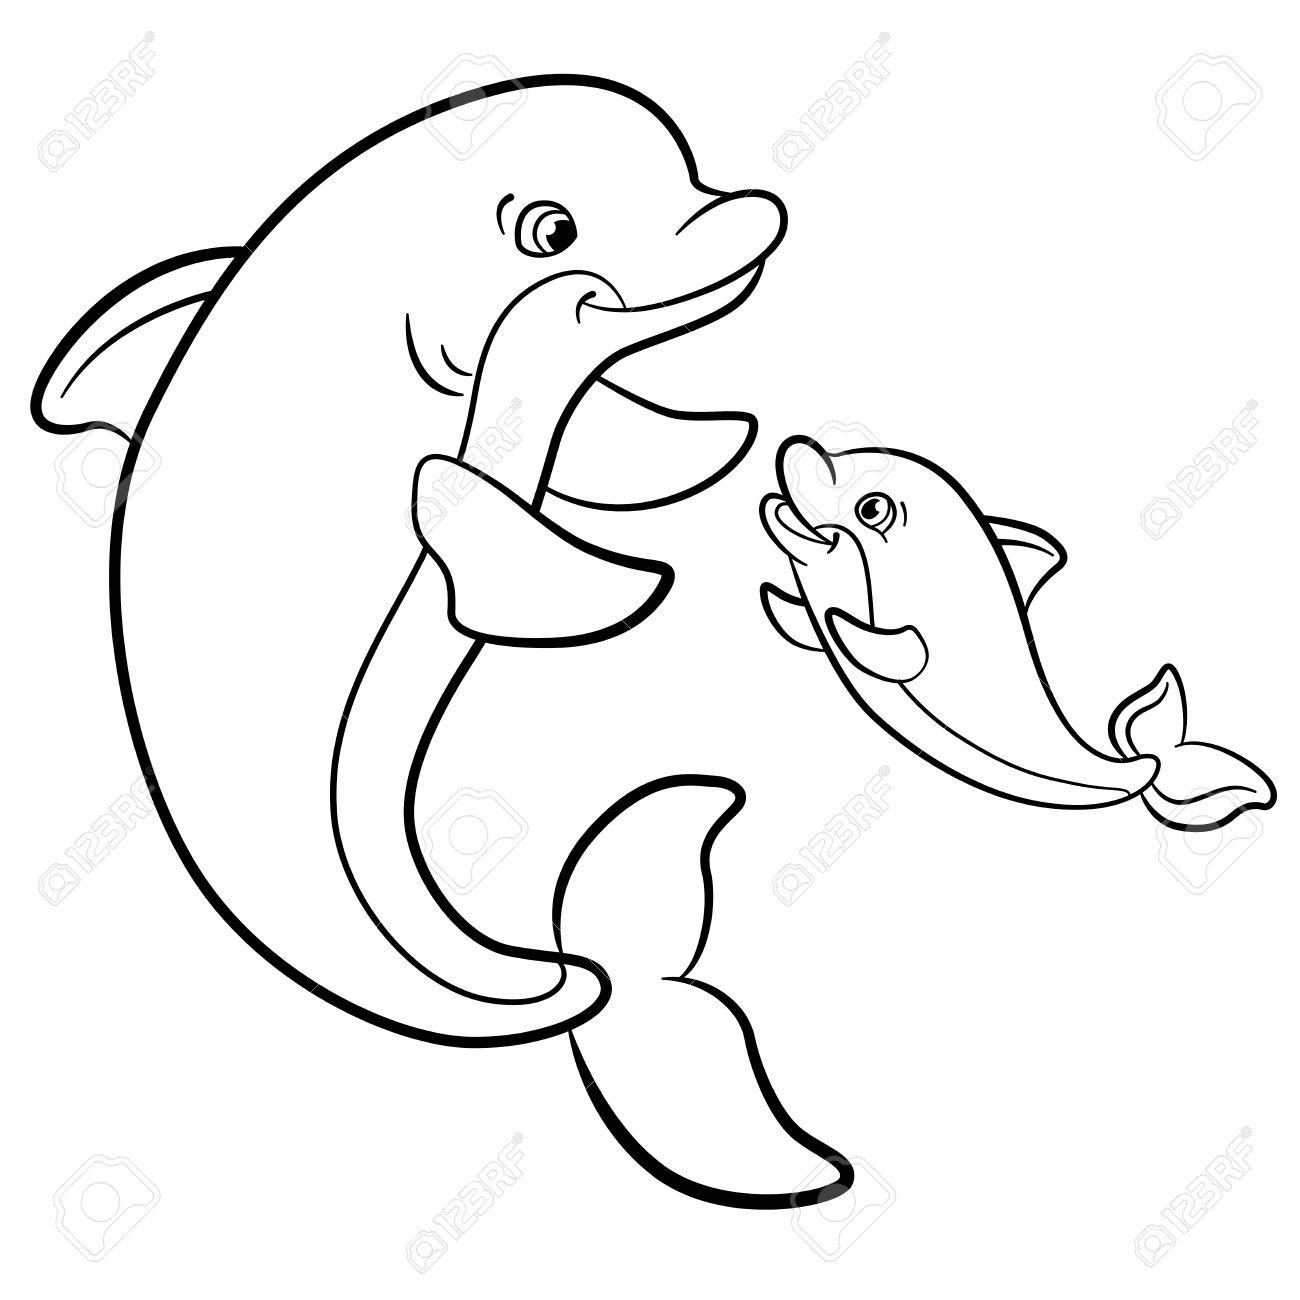 Kleurplaten Dolfijnen En Zeemeerminnen.Baby Dolfijnen Kleurplaten Krijg Duizenden Kleurenfoto S Van De Beste